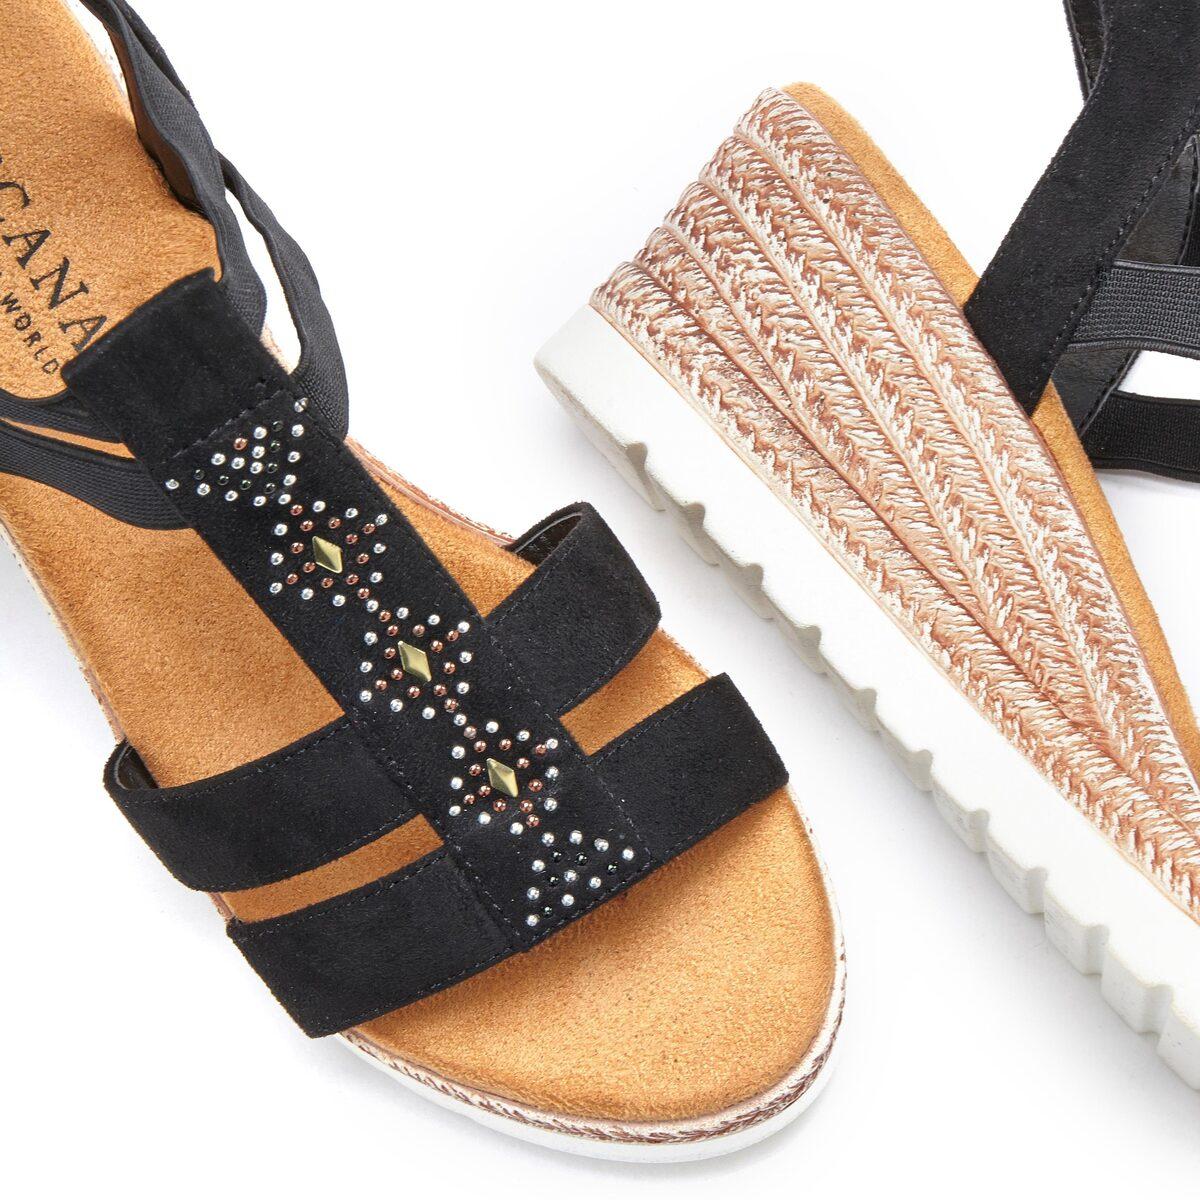 Bild 2 von LASCANA Sandalette mit Keilabsatz und dekorativen Schmucksteinen